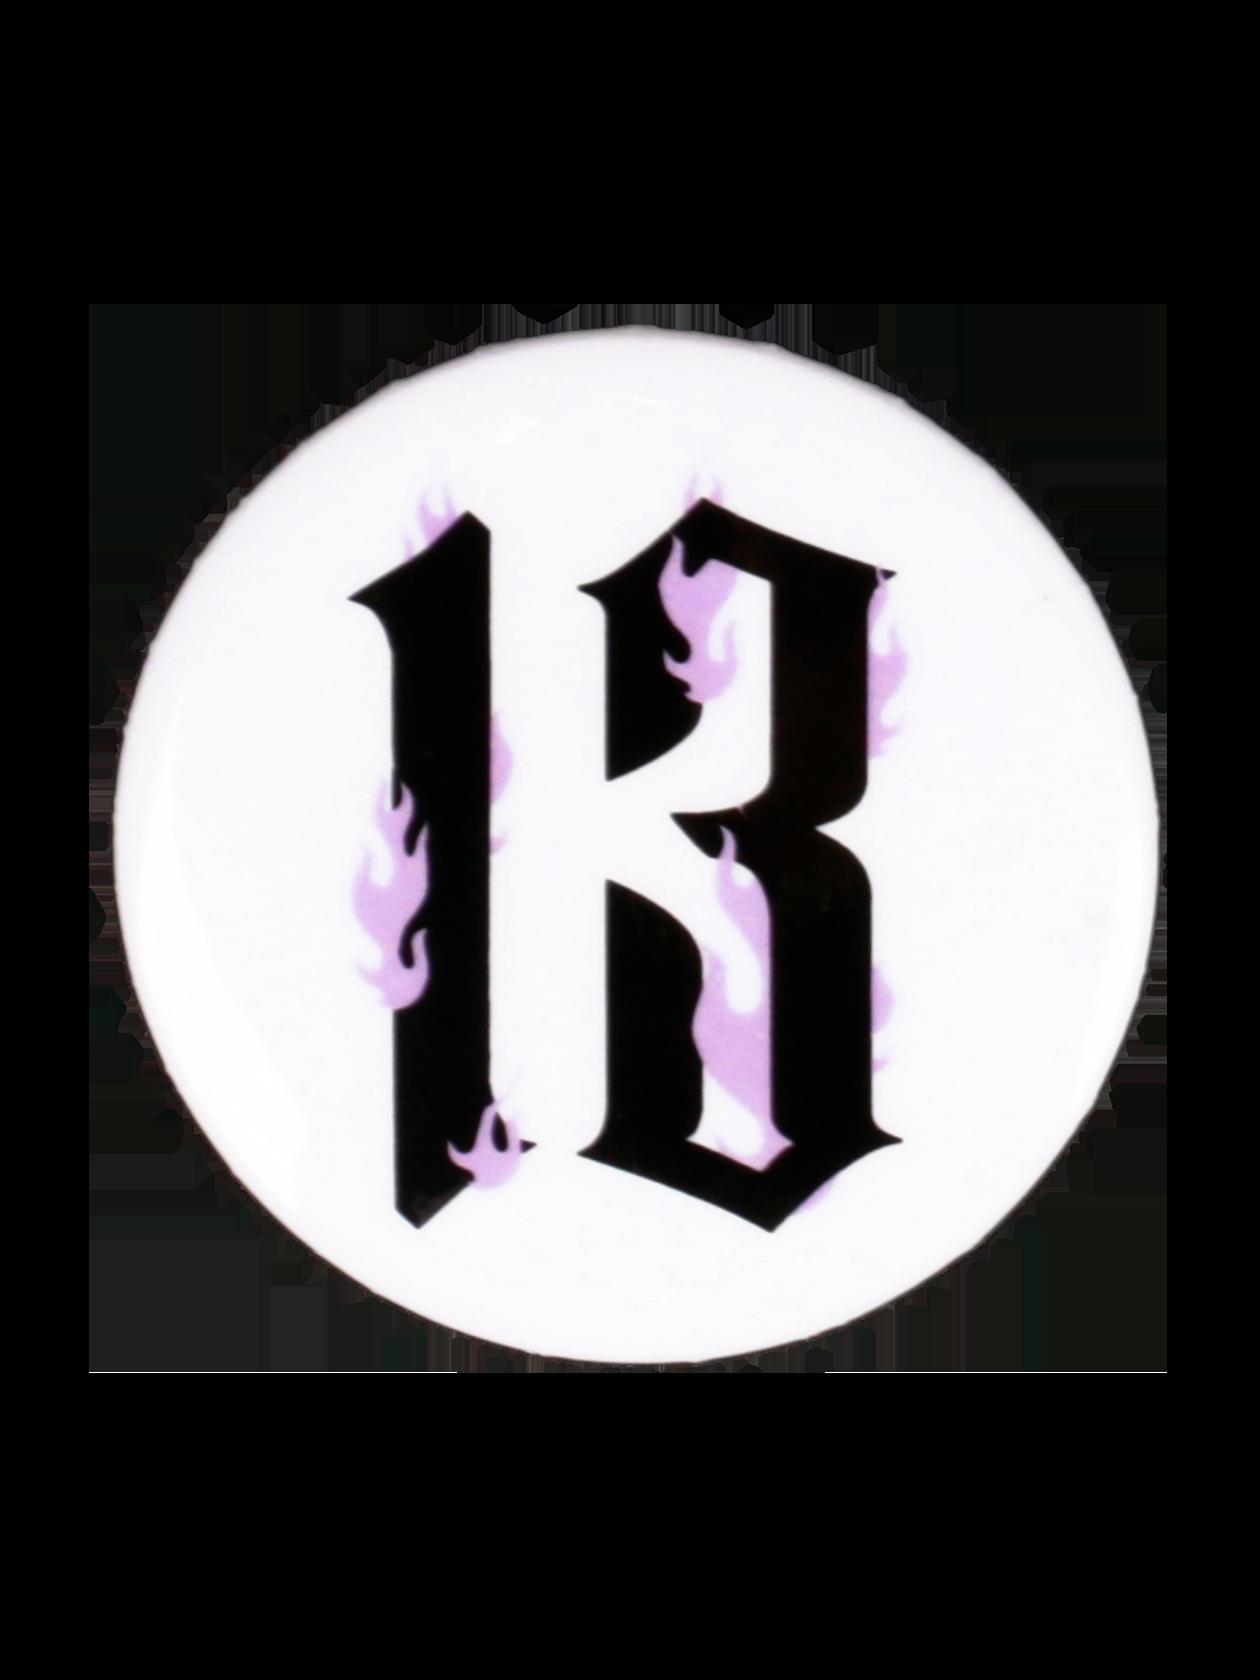 Значок QUEEN 13Значок Queen 13 добавит повседневному образу выразительности и особого стиля. Аксессуар выполнен в традиционной форме круга, изготовлен из высококачественного и экологически чистого материала. Дизайн дополнен контрастной надписью Queen 13. Изделие крепится с помощью надежной английской булавки, подходит для декора одежды или сумки. Значок от бренда Black Star Wear представлен в черном и белом цвете.<br><br>Размер: Единый размер<br>Цвет: Белый<br>Пол: Унисекс